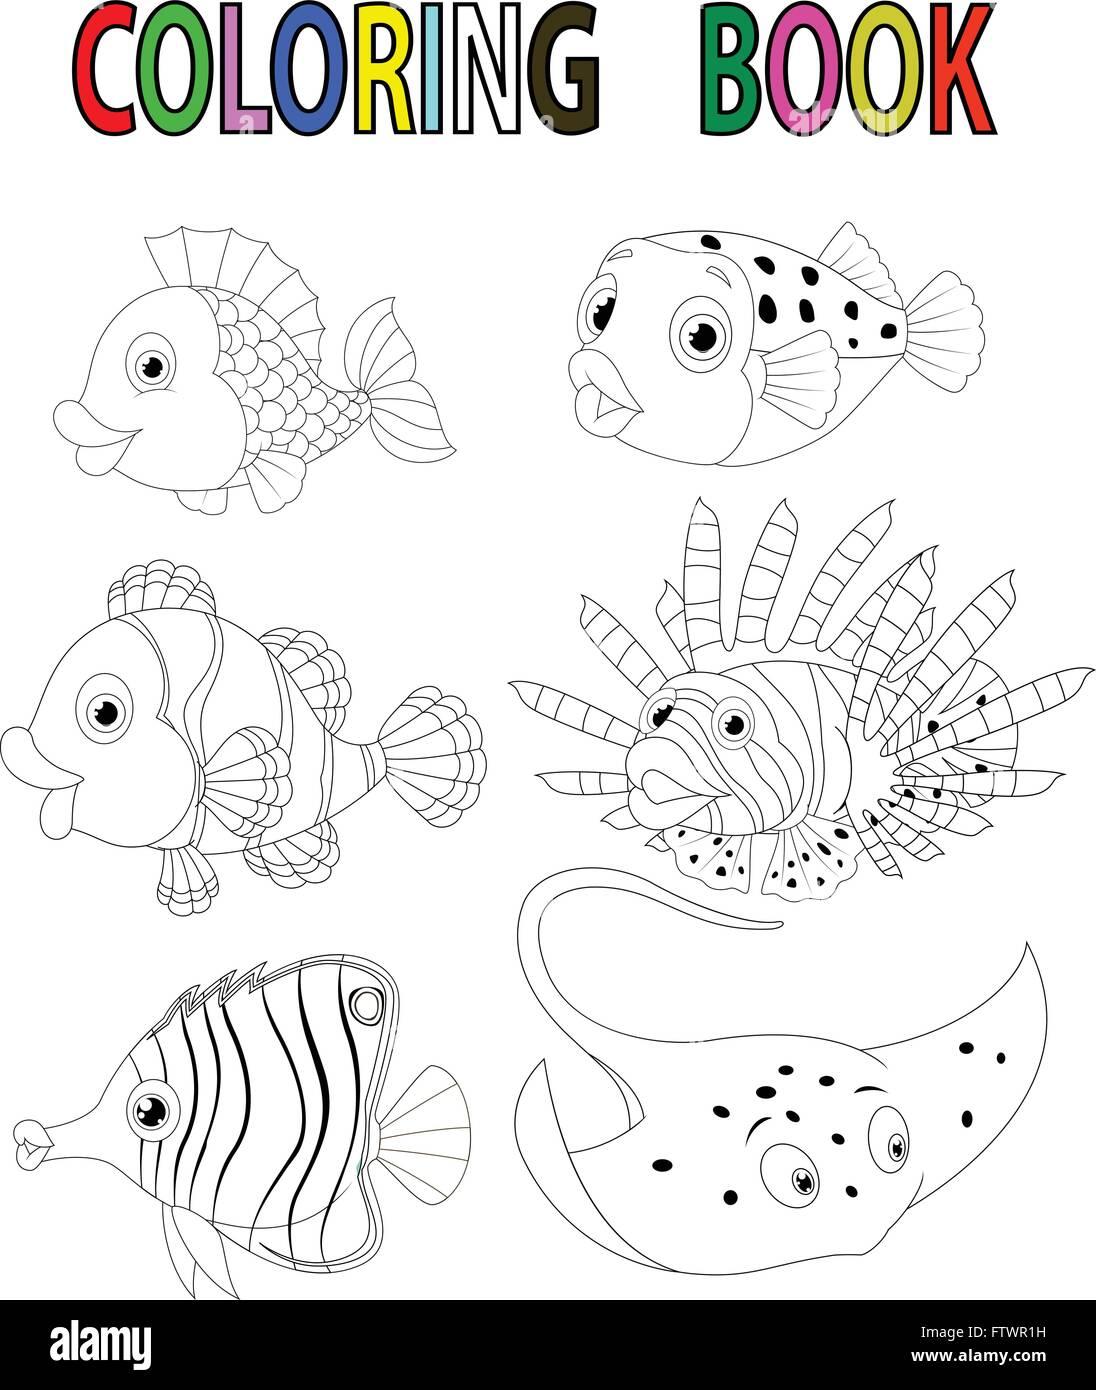 Wunderbar Sterne Fisch Färbung Seite Fotos - Malvorlagen Von Tieren ...